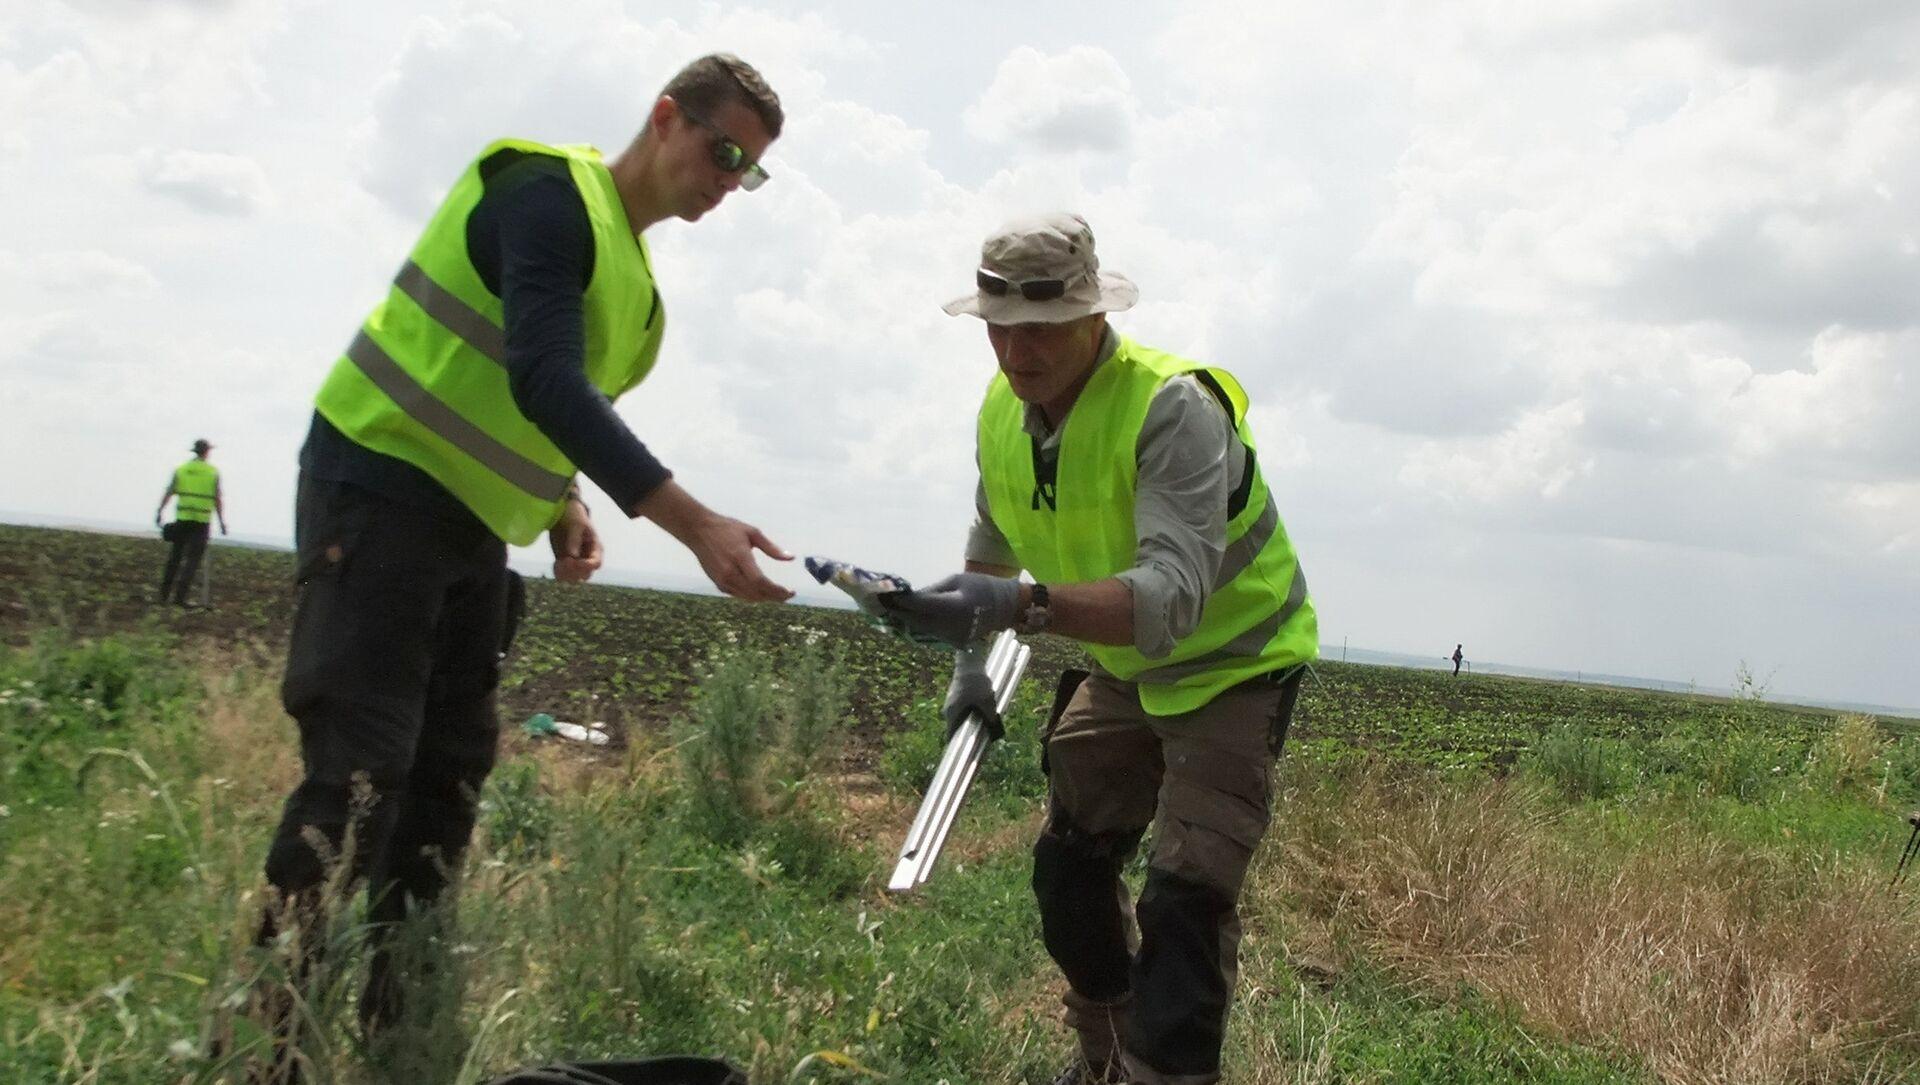 Lugar de la catástrofe del vuelo de MH17 en Ucrania - Sputnik Mundo, 1920, 09.02.2021